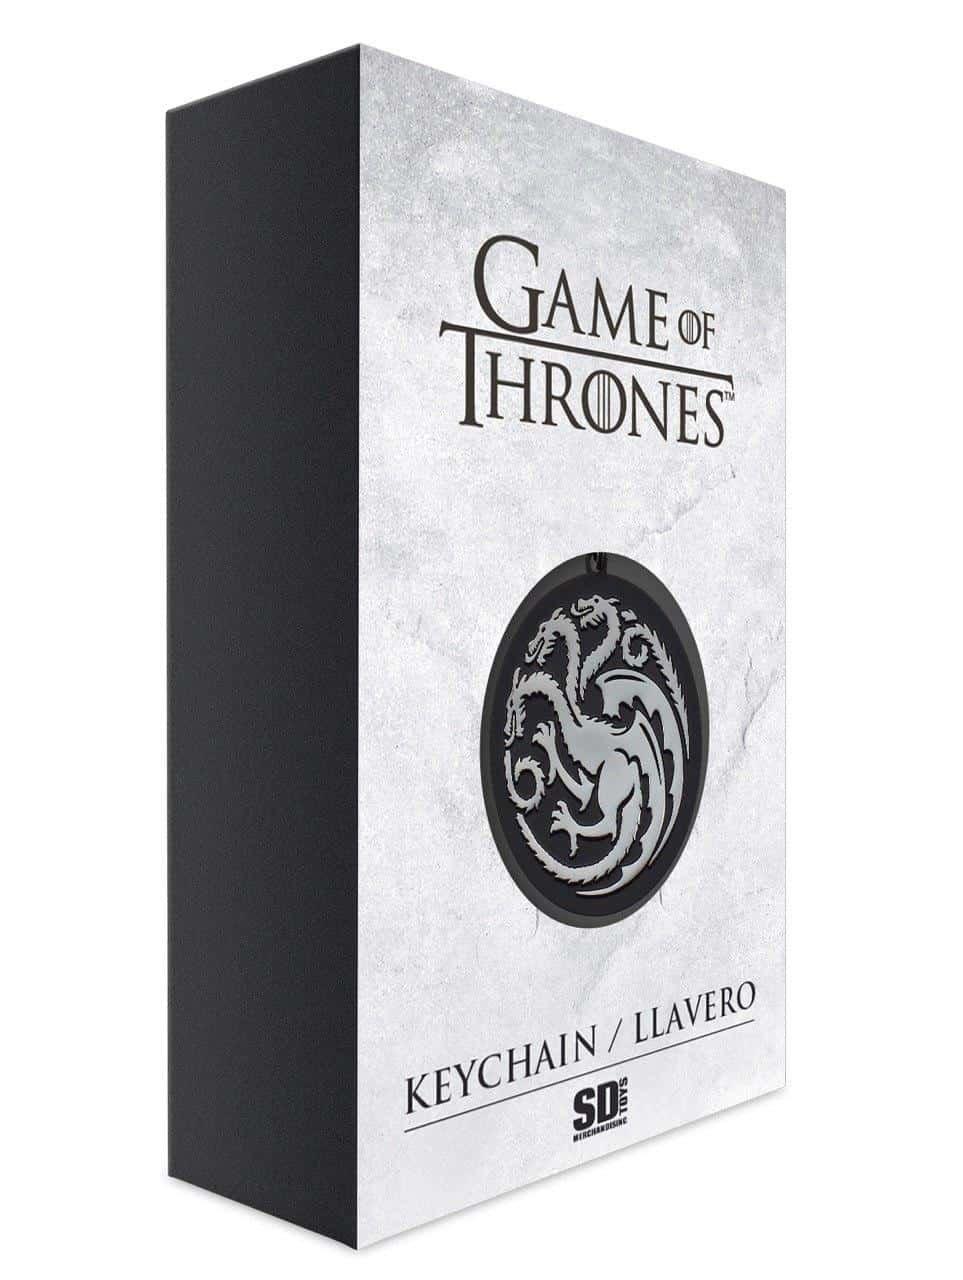 Amazon.com: SD toys - Porte Cle Game Of Thrones - Targaryen ...